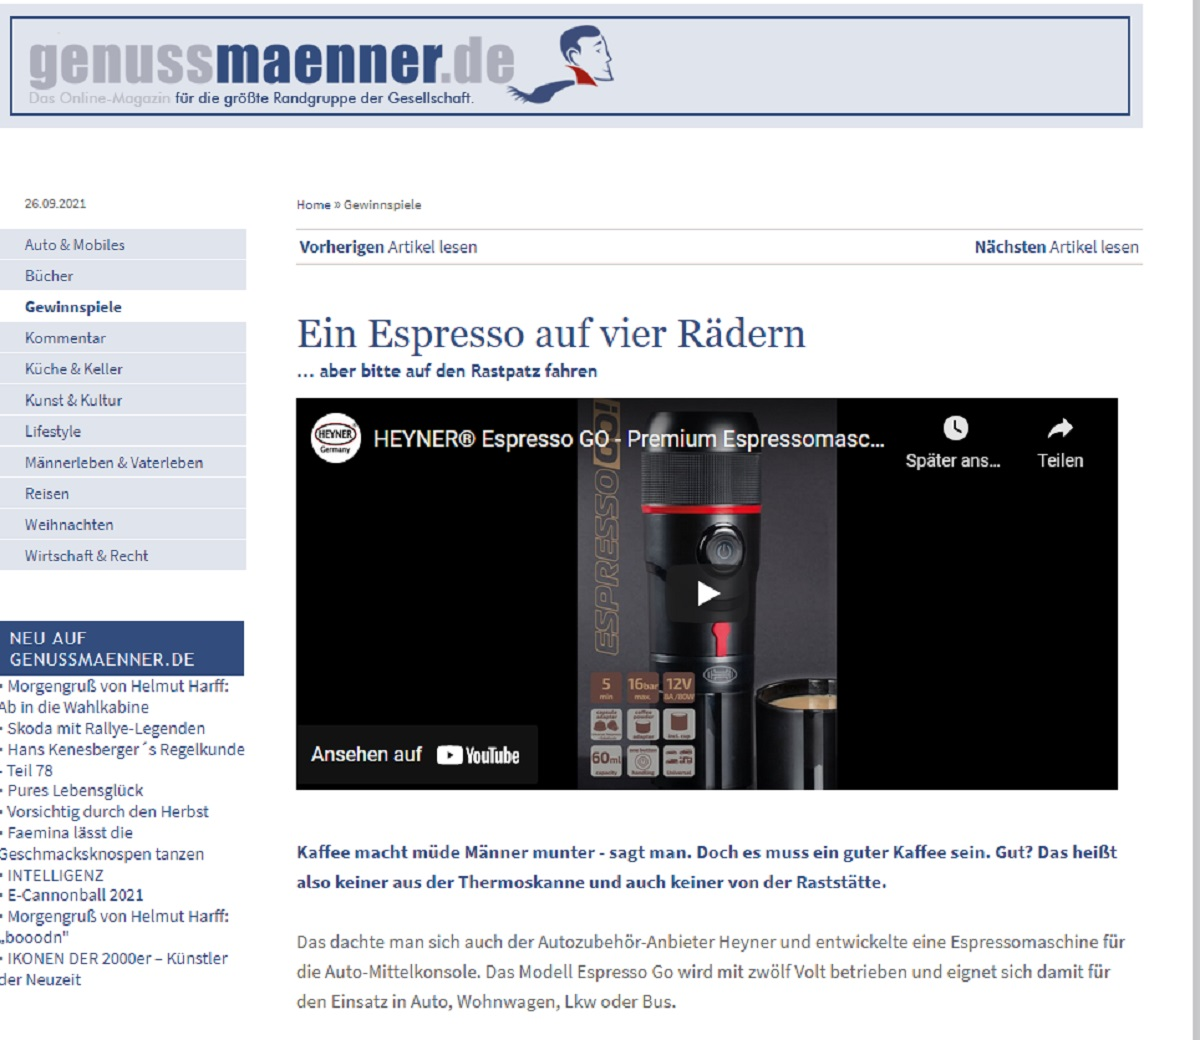 Gewinne eine Espresso Go von HEYNER genussmaenner.de Gewinnspiel